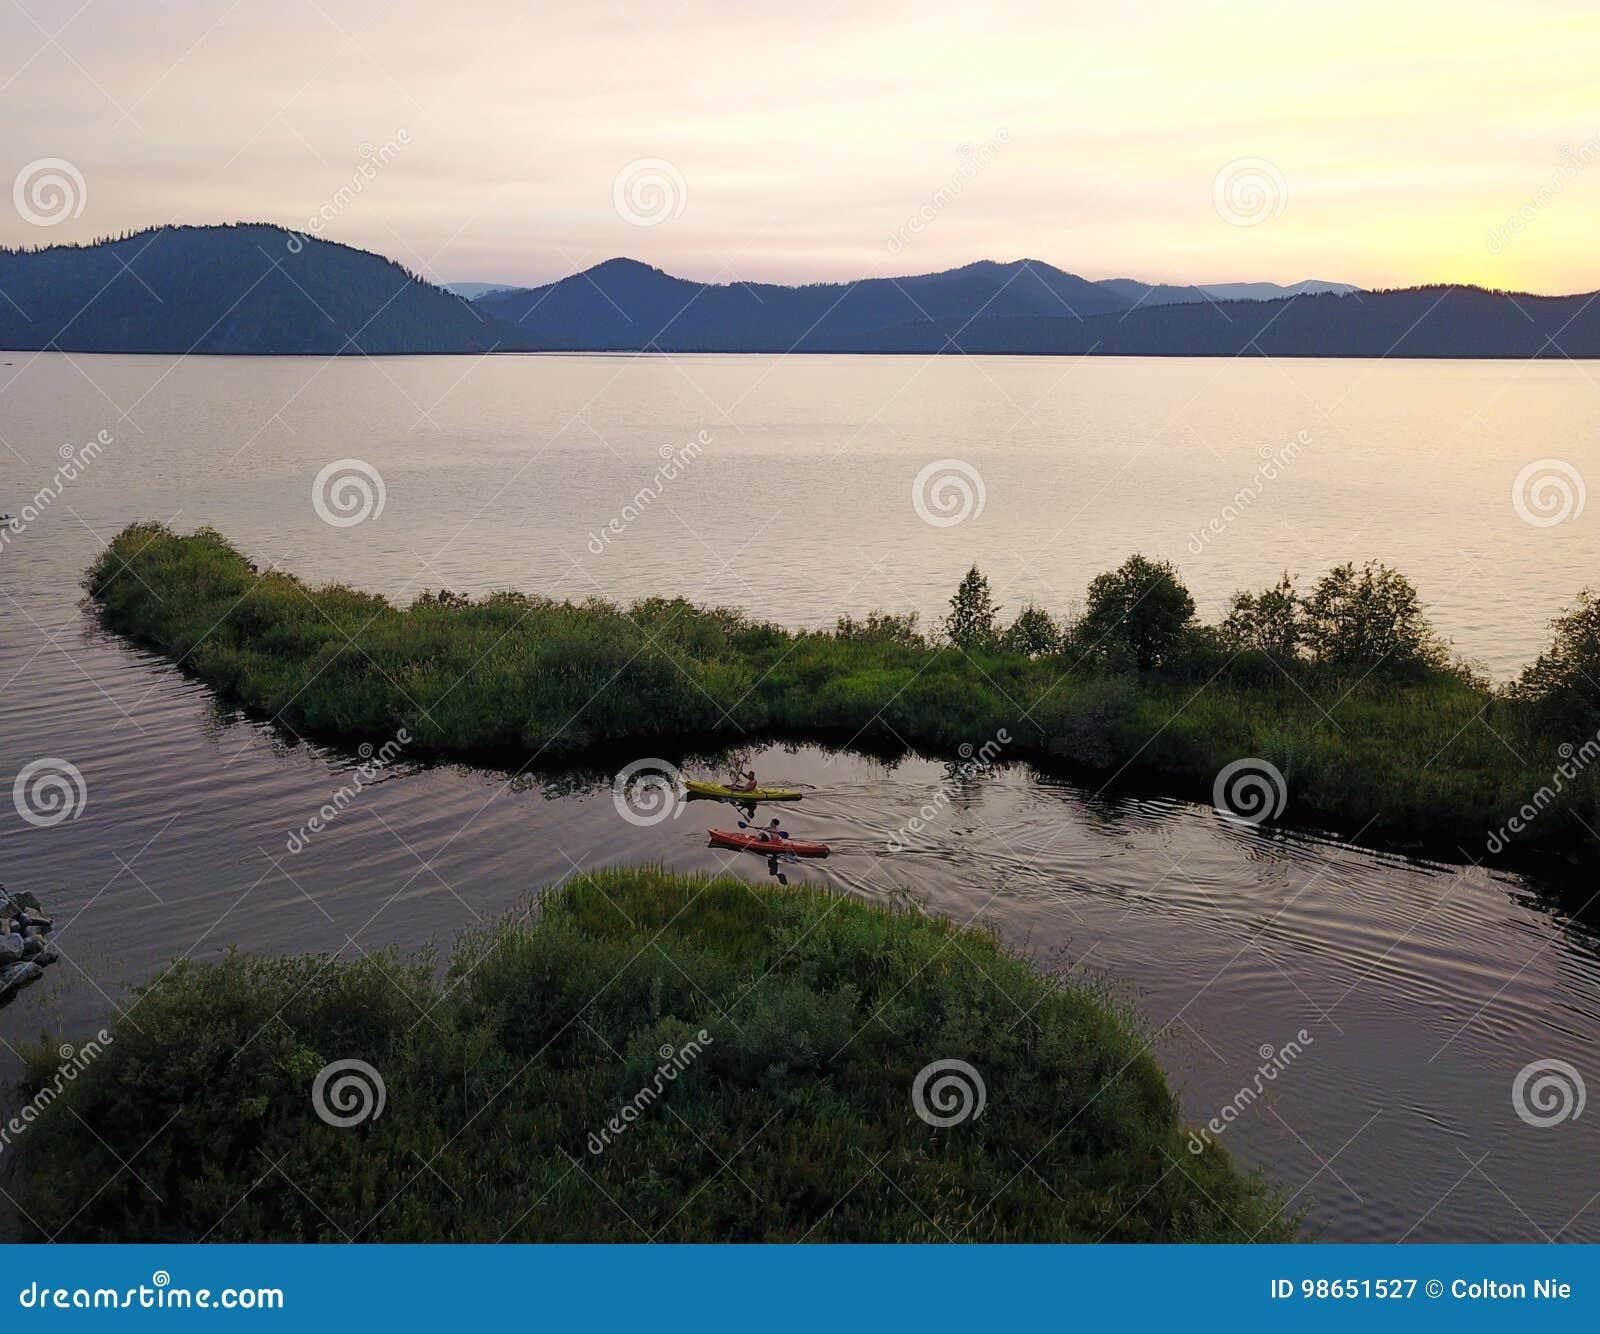 Prêtre Lake